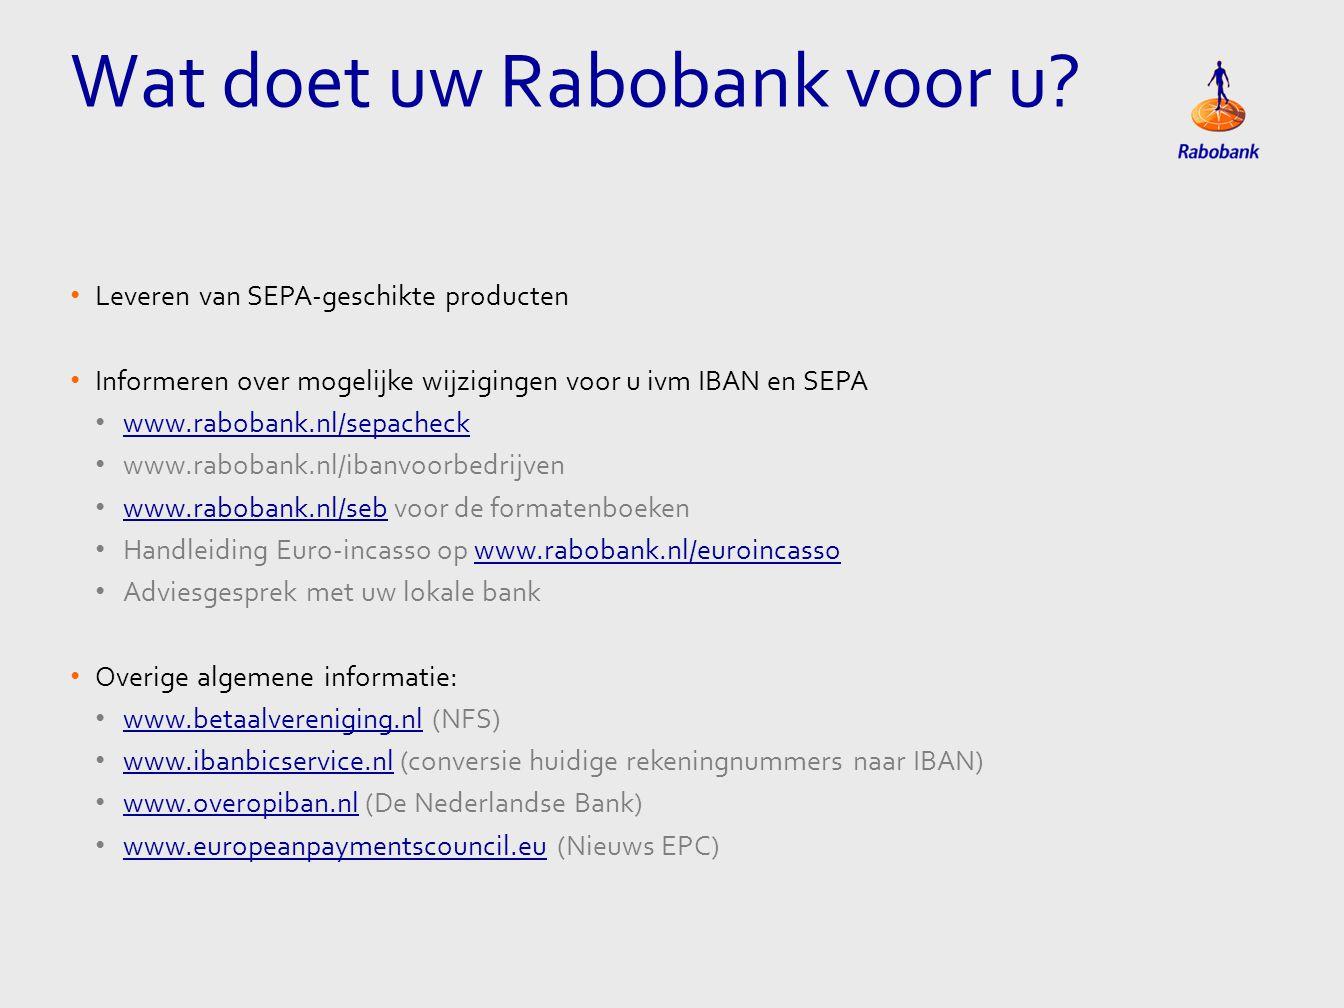 • Leveren van SEPA-geschikte producten • Informeren over mogelijke wijzigingen voor u ivm IBAN en SEPA • www.rabobank.nl/sepacheck www.rabobank.nl/sep